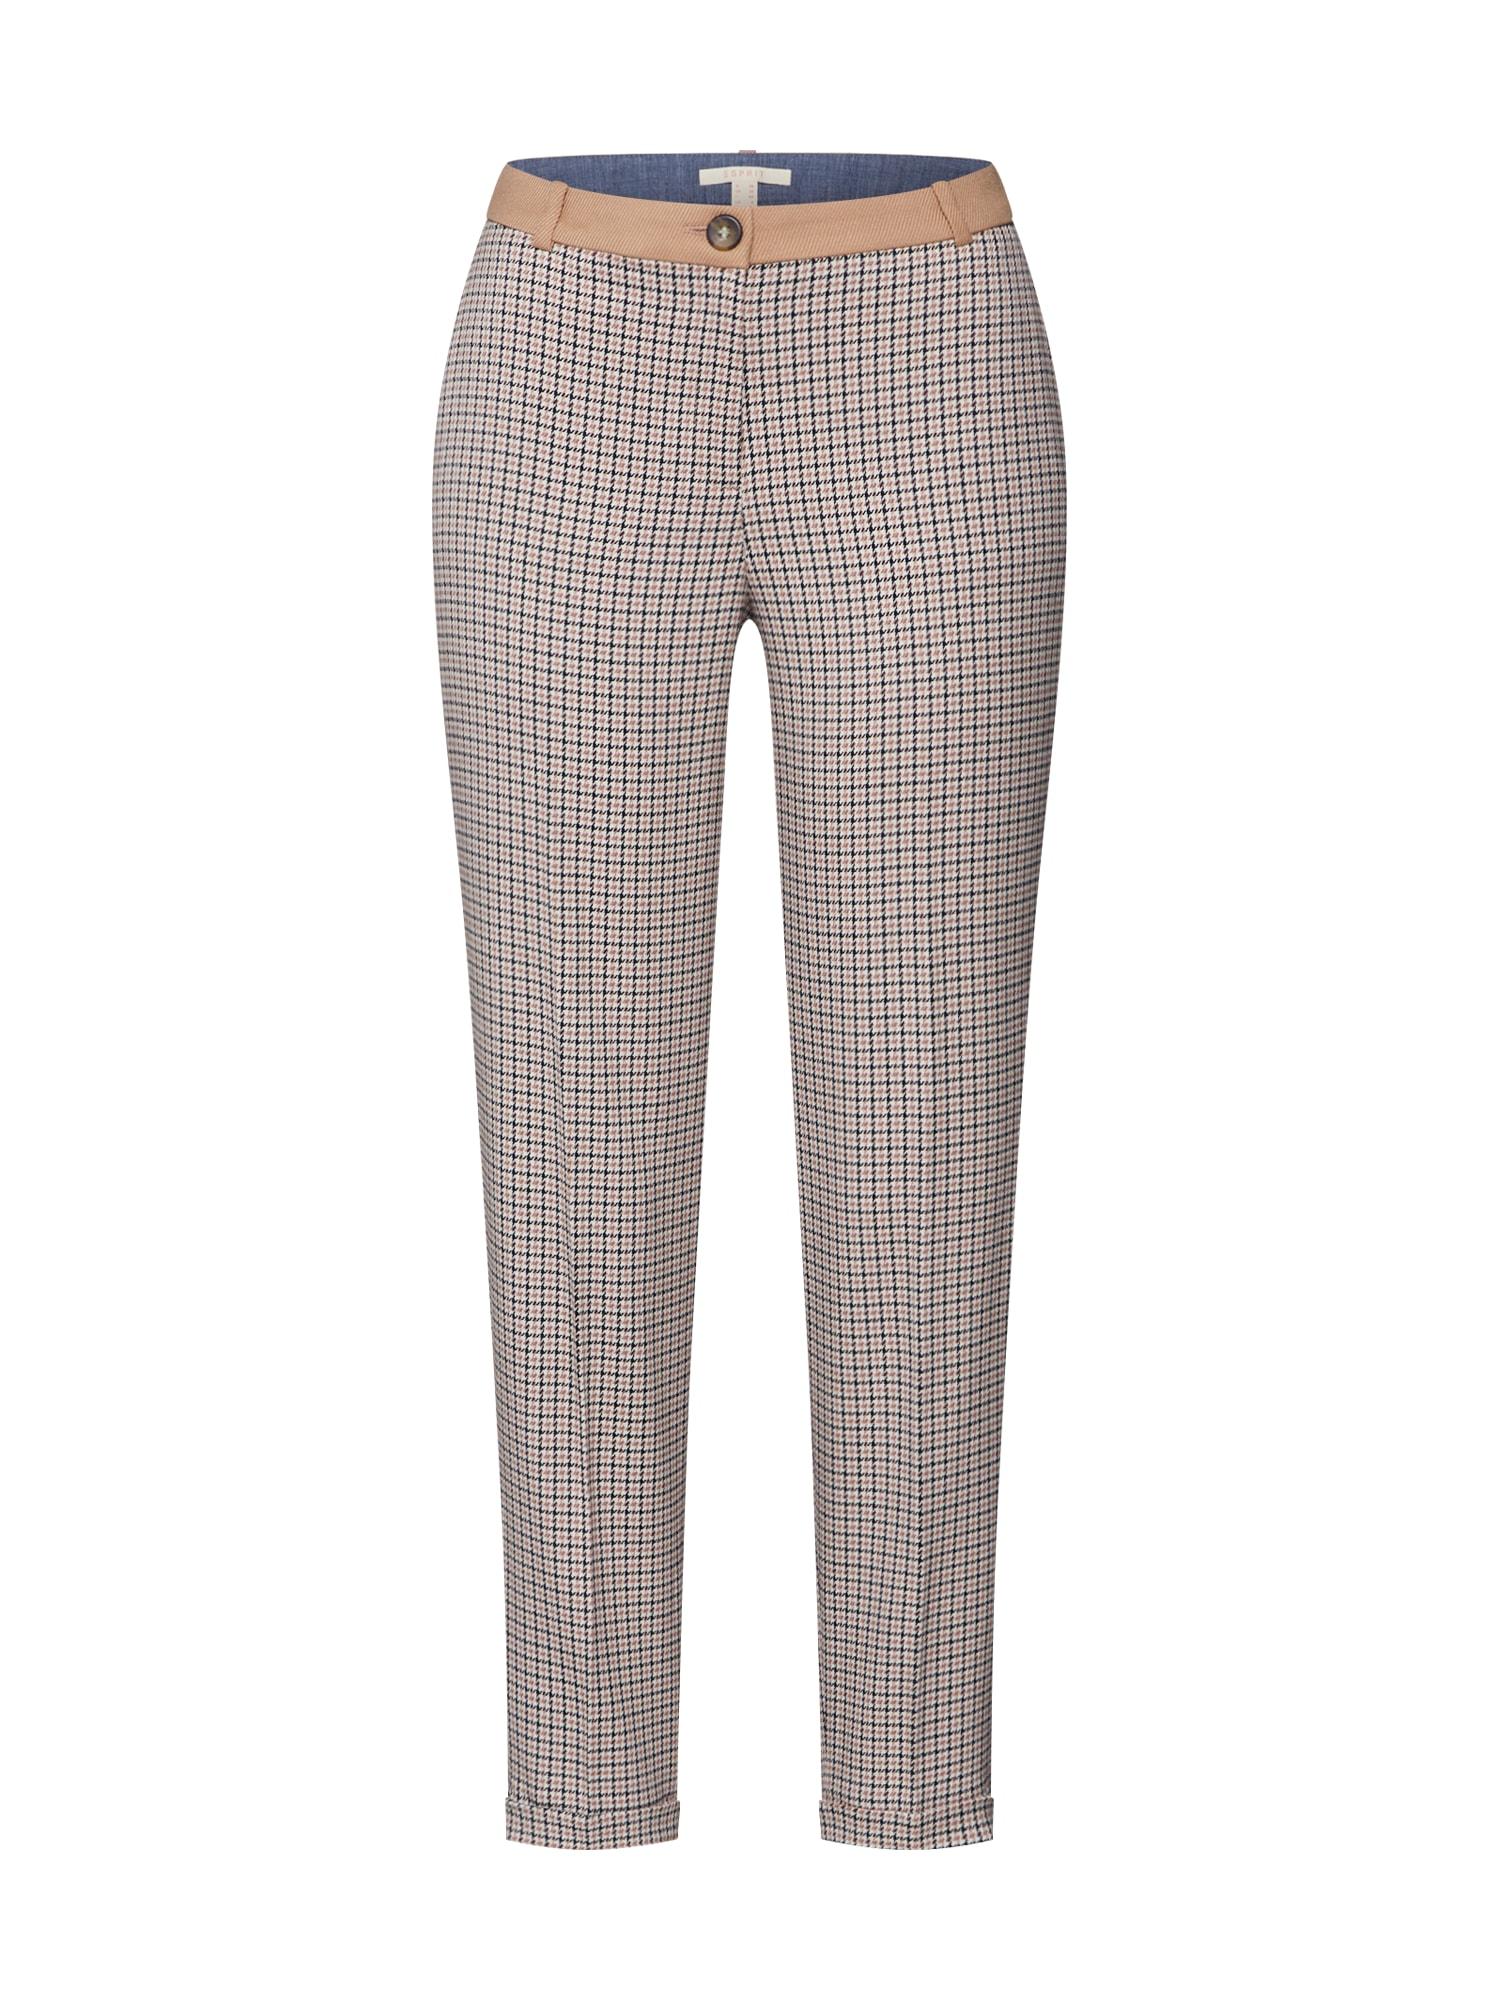 ESPRIT Chino kalhoty  světle hnědá